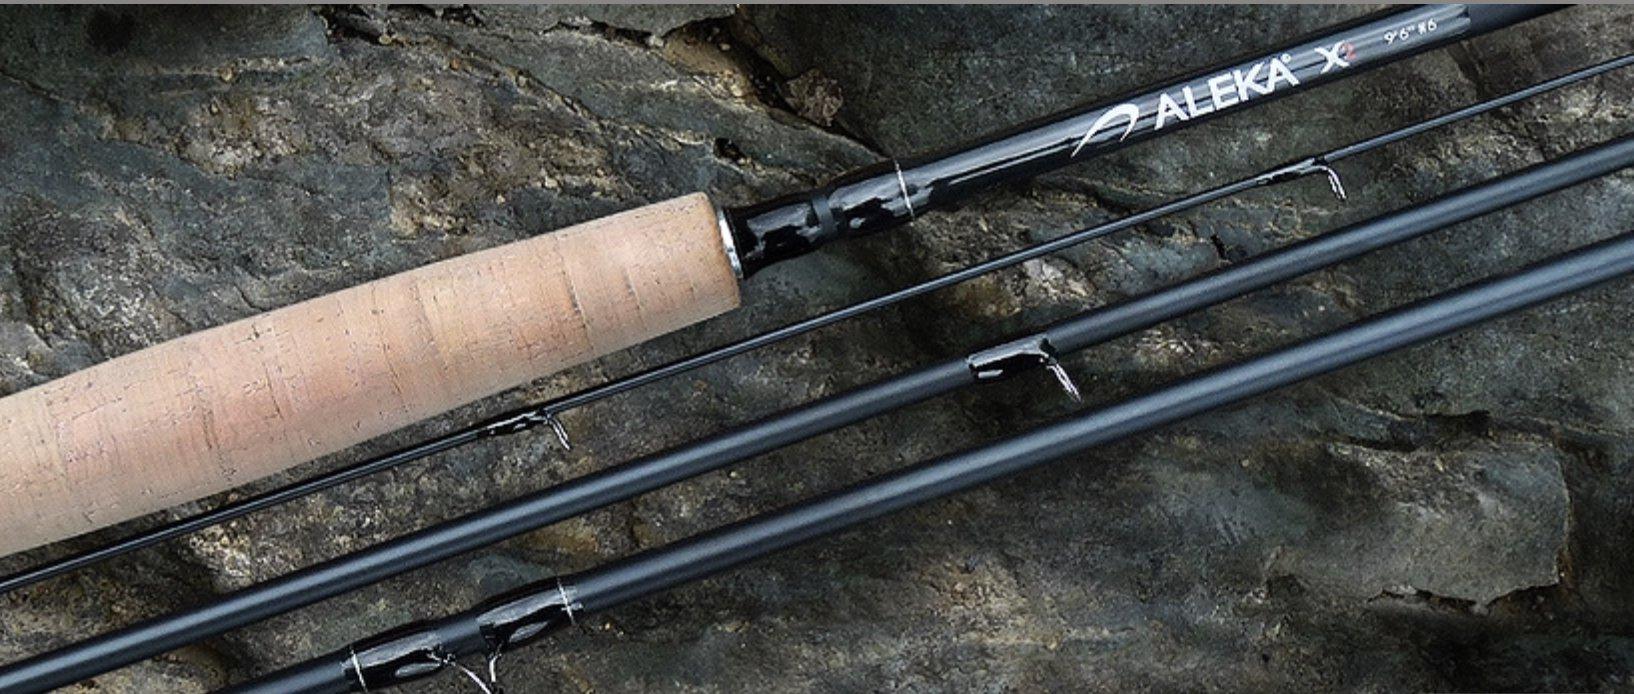 Aleka X2 Fly Rod